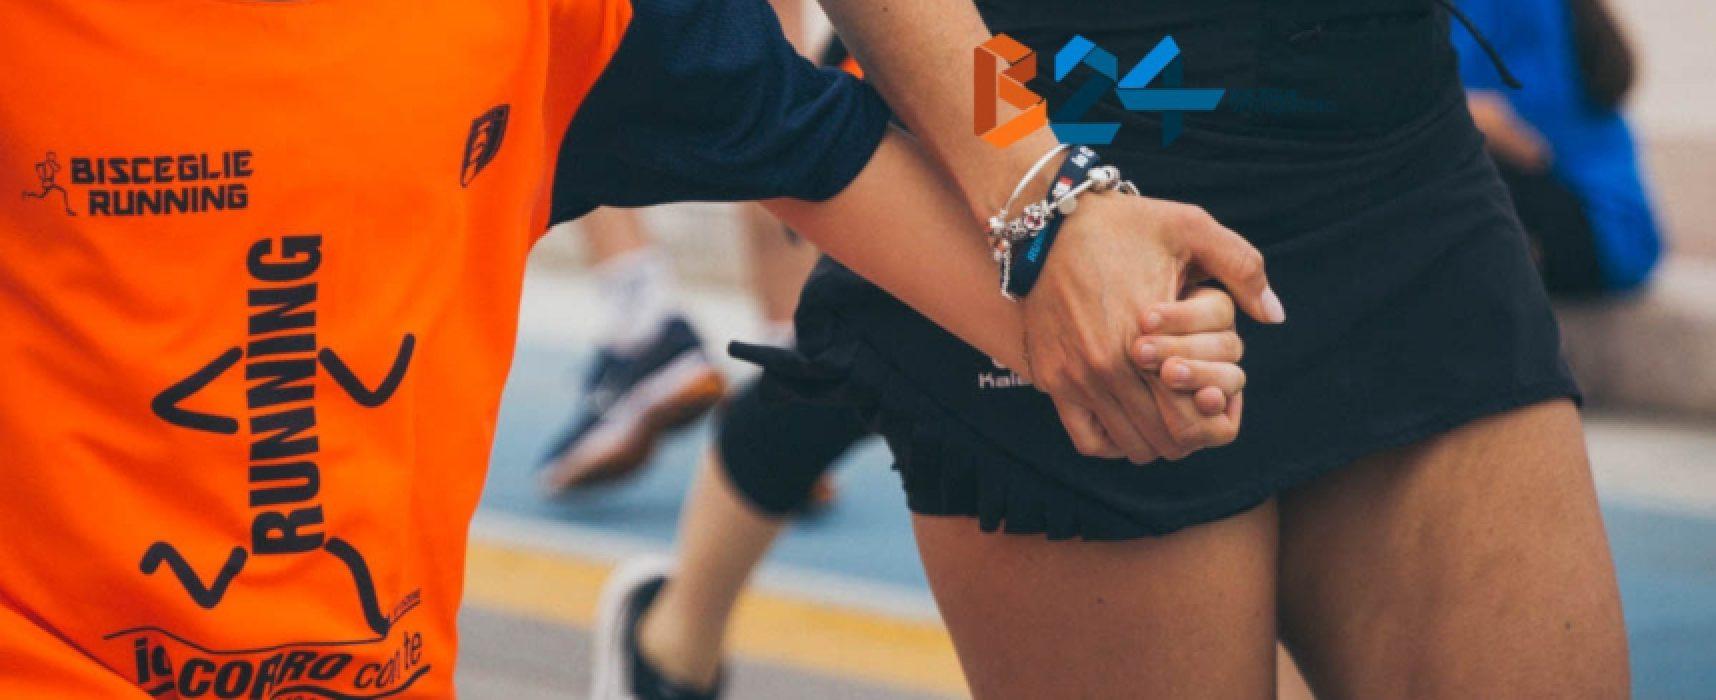 Il colore, l'entusiasmo e il sorriso dei runner nel video-dedica di Bisceglie Running